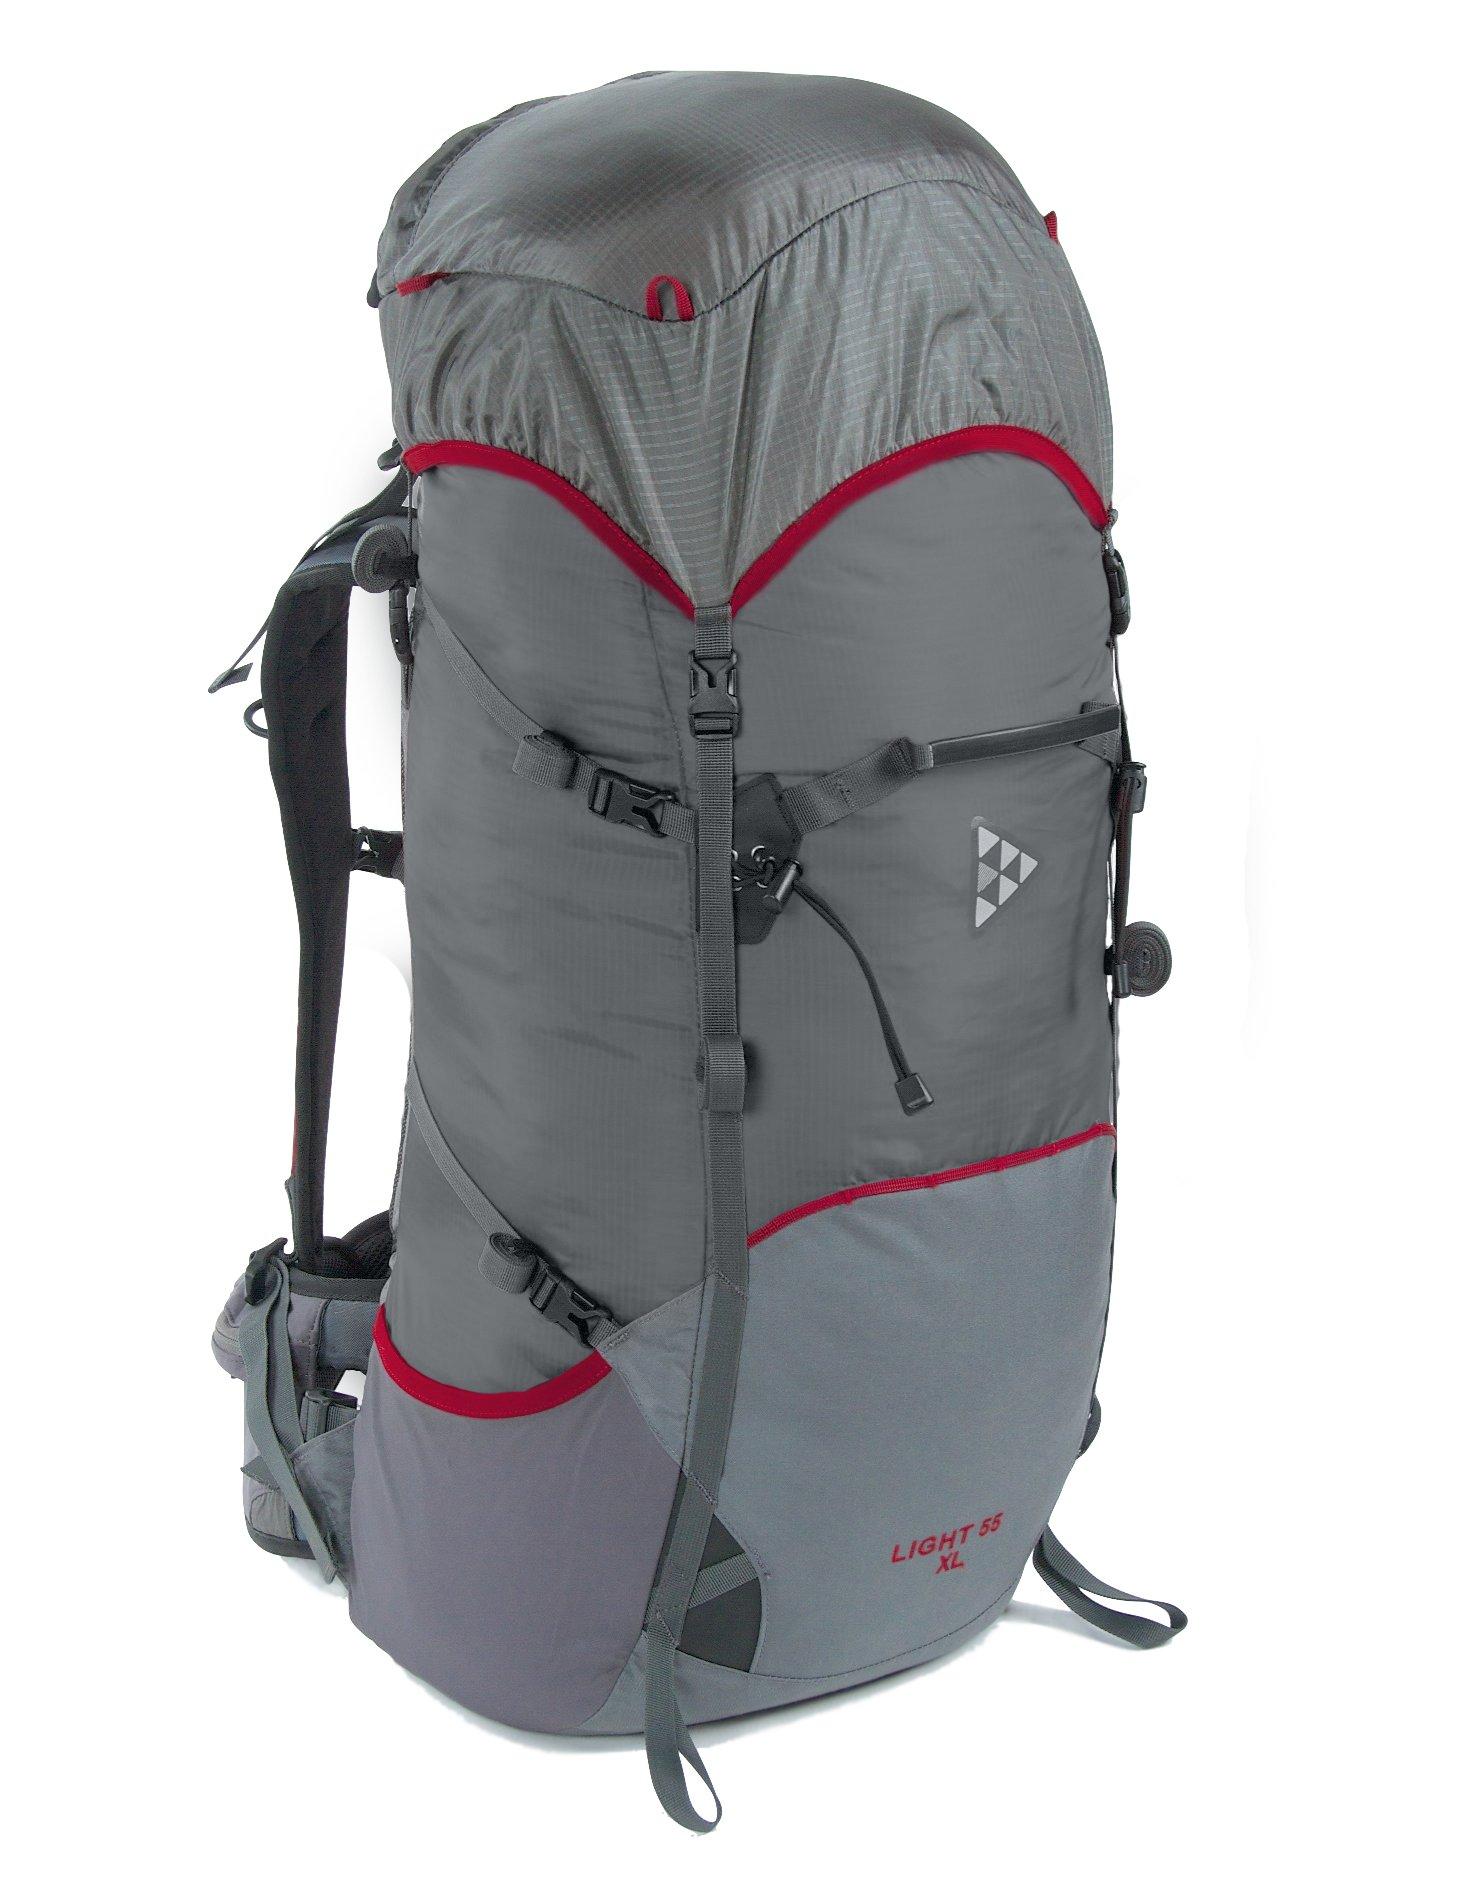 Рюкзак BASK LIGHT 55 M 5204Легкий туристический рюкзак объемом 55 литров из серии LIGHT, подойдет для легкоходов и любителей легкого снаряжения и там где нужен минимальный вес изделия.<br><br>Анатомическая конструкция спины и ремней: Да<br>Вентиляция спины: Да<br>Вес граммы: 1146<br>Вес коврика: 0.138<br>Вес съёмного клапана: 0.125<br>Внутренние карманы: Да<br>Внутренняя перегородка: Нет<br>Возможность крепления сноуборда/скейтборда/лыж: Нет<br>Грудной фиксатор: Да<br>Карман для гидратора: Нет<br>Карман для средств связи: Нет<br>Карманы на поясе: Да<br>Клапан: съемный<br>Минимальный вес: 0.68<br>Назначение: трекинговый<br>Накидка от дождя: Нет<br>Наружная навеска: навесная система позволяет крепить специальное снаряжение<br>Наружные карманы: Да<br>Нижний вход: Нет<br>Объем л.: 55<br>Регулировка объема: Да<br>Регулировка угла наклона пояса: Нет<br>Светоотражающий кант: Нет<br>Система подвески: система подвески регулируется<br>Ткань: 100D Robic® Triple Rip 2000 мм Н2О UTS<br>Усиление: 210Dx420D  Robic® Kodra<br>Усиление дна: Да<br>Фурнитура: W.J., YKK®<br>Цвет: ЧЕРНЫЙ